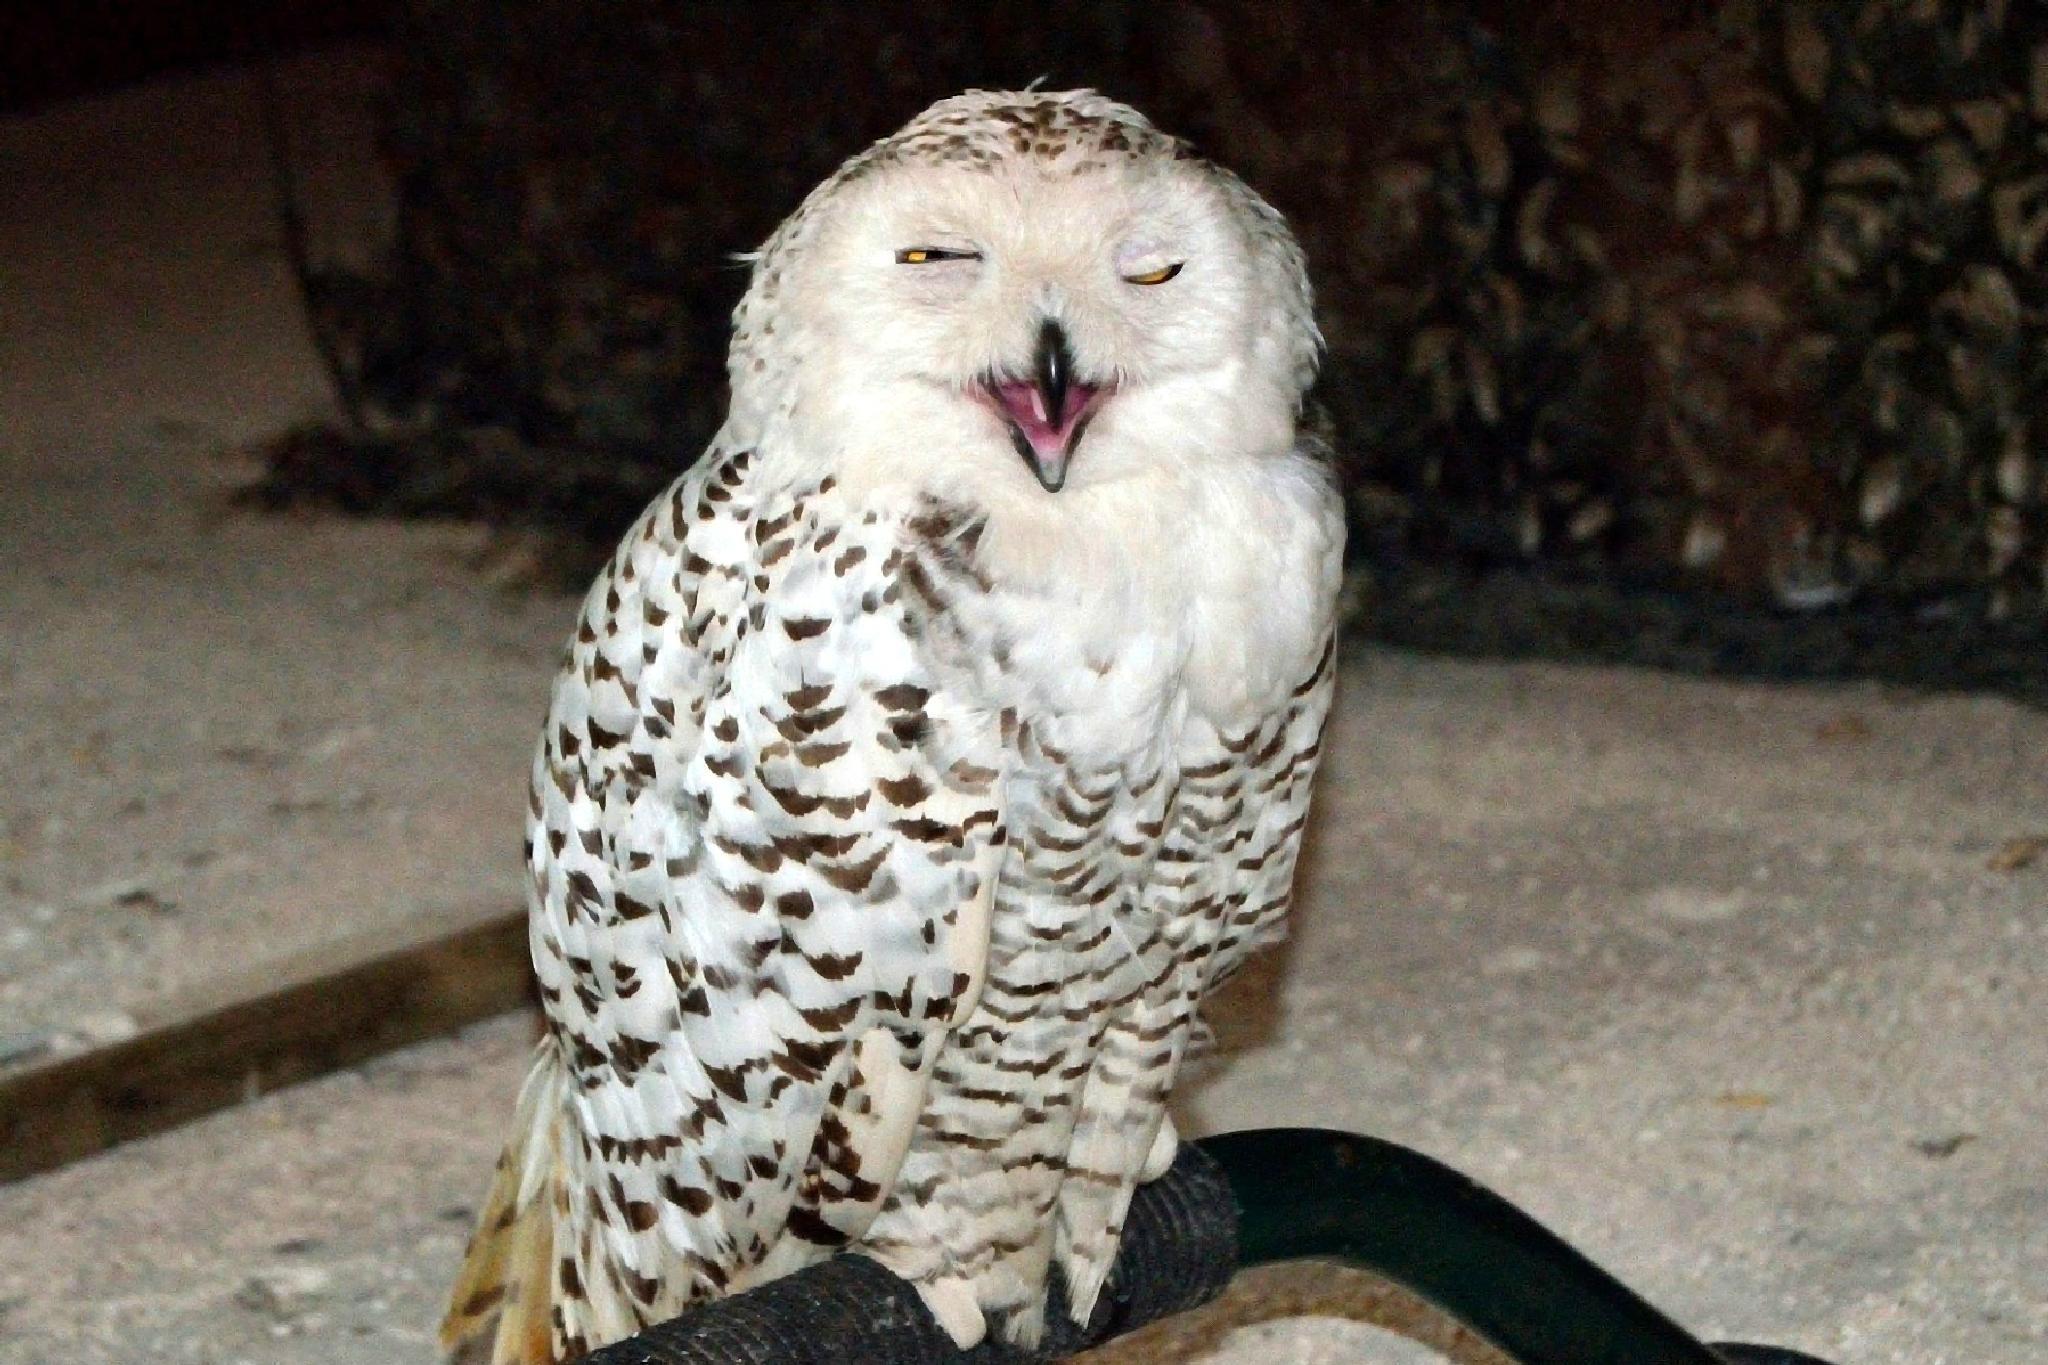 Sleepy Snow Owl / Slaperige Sneeuwuil by Henk Meima